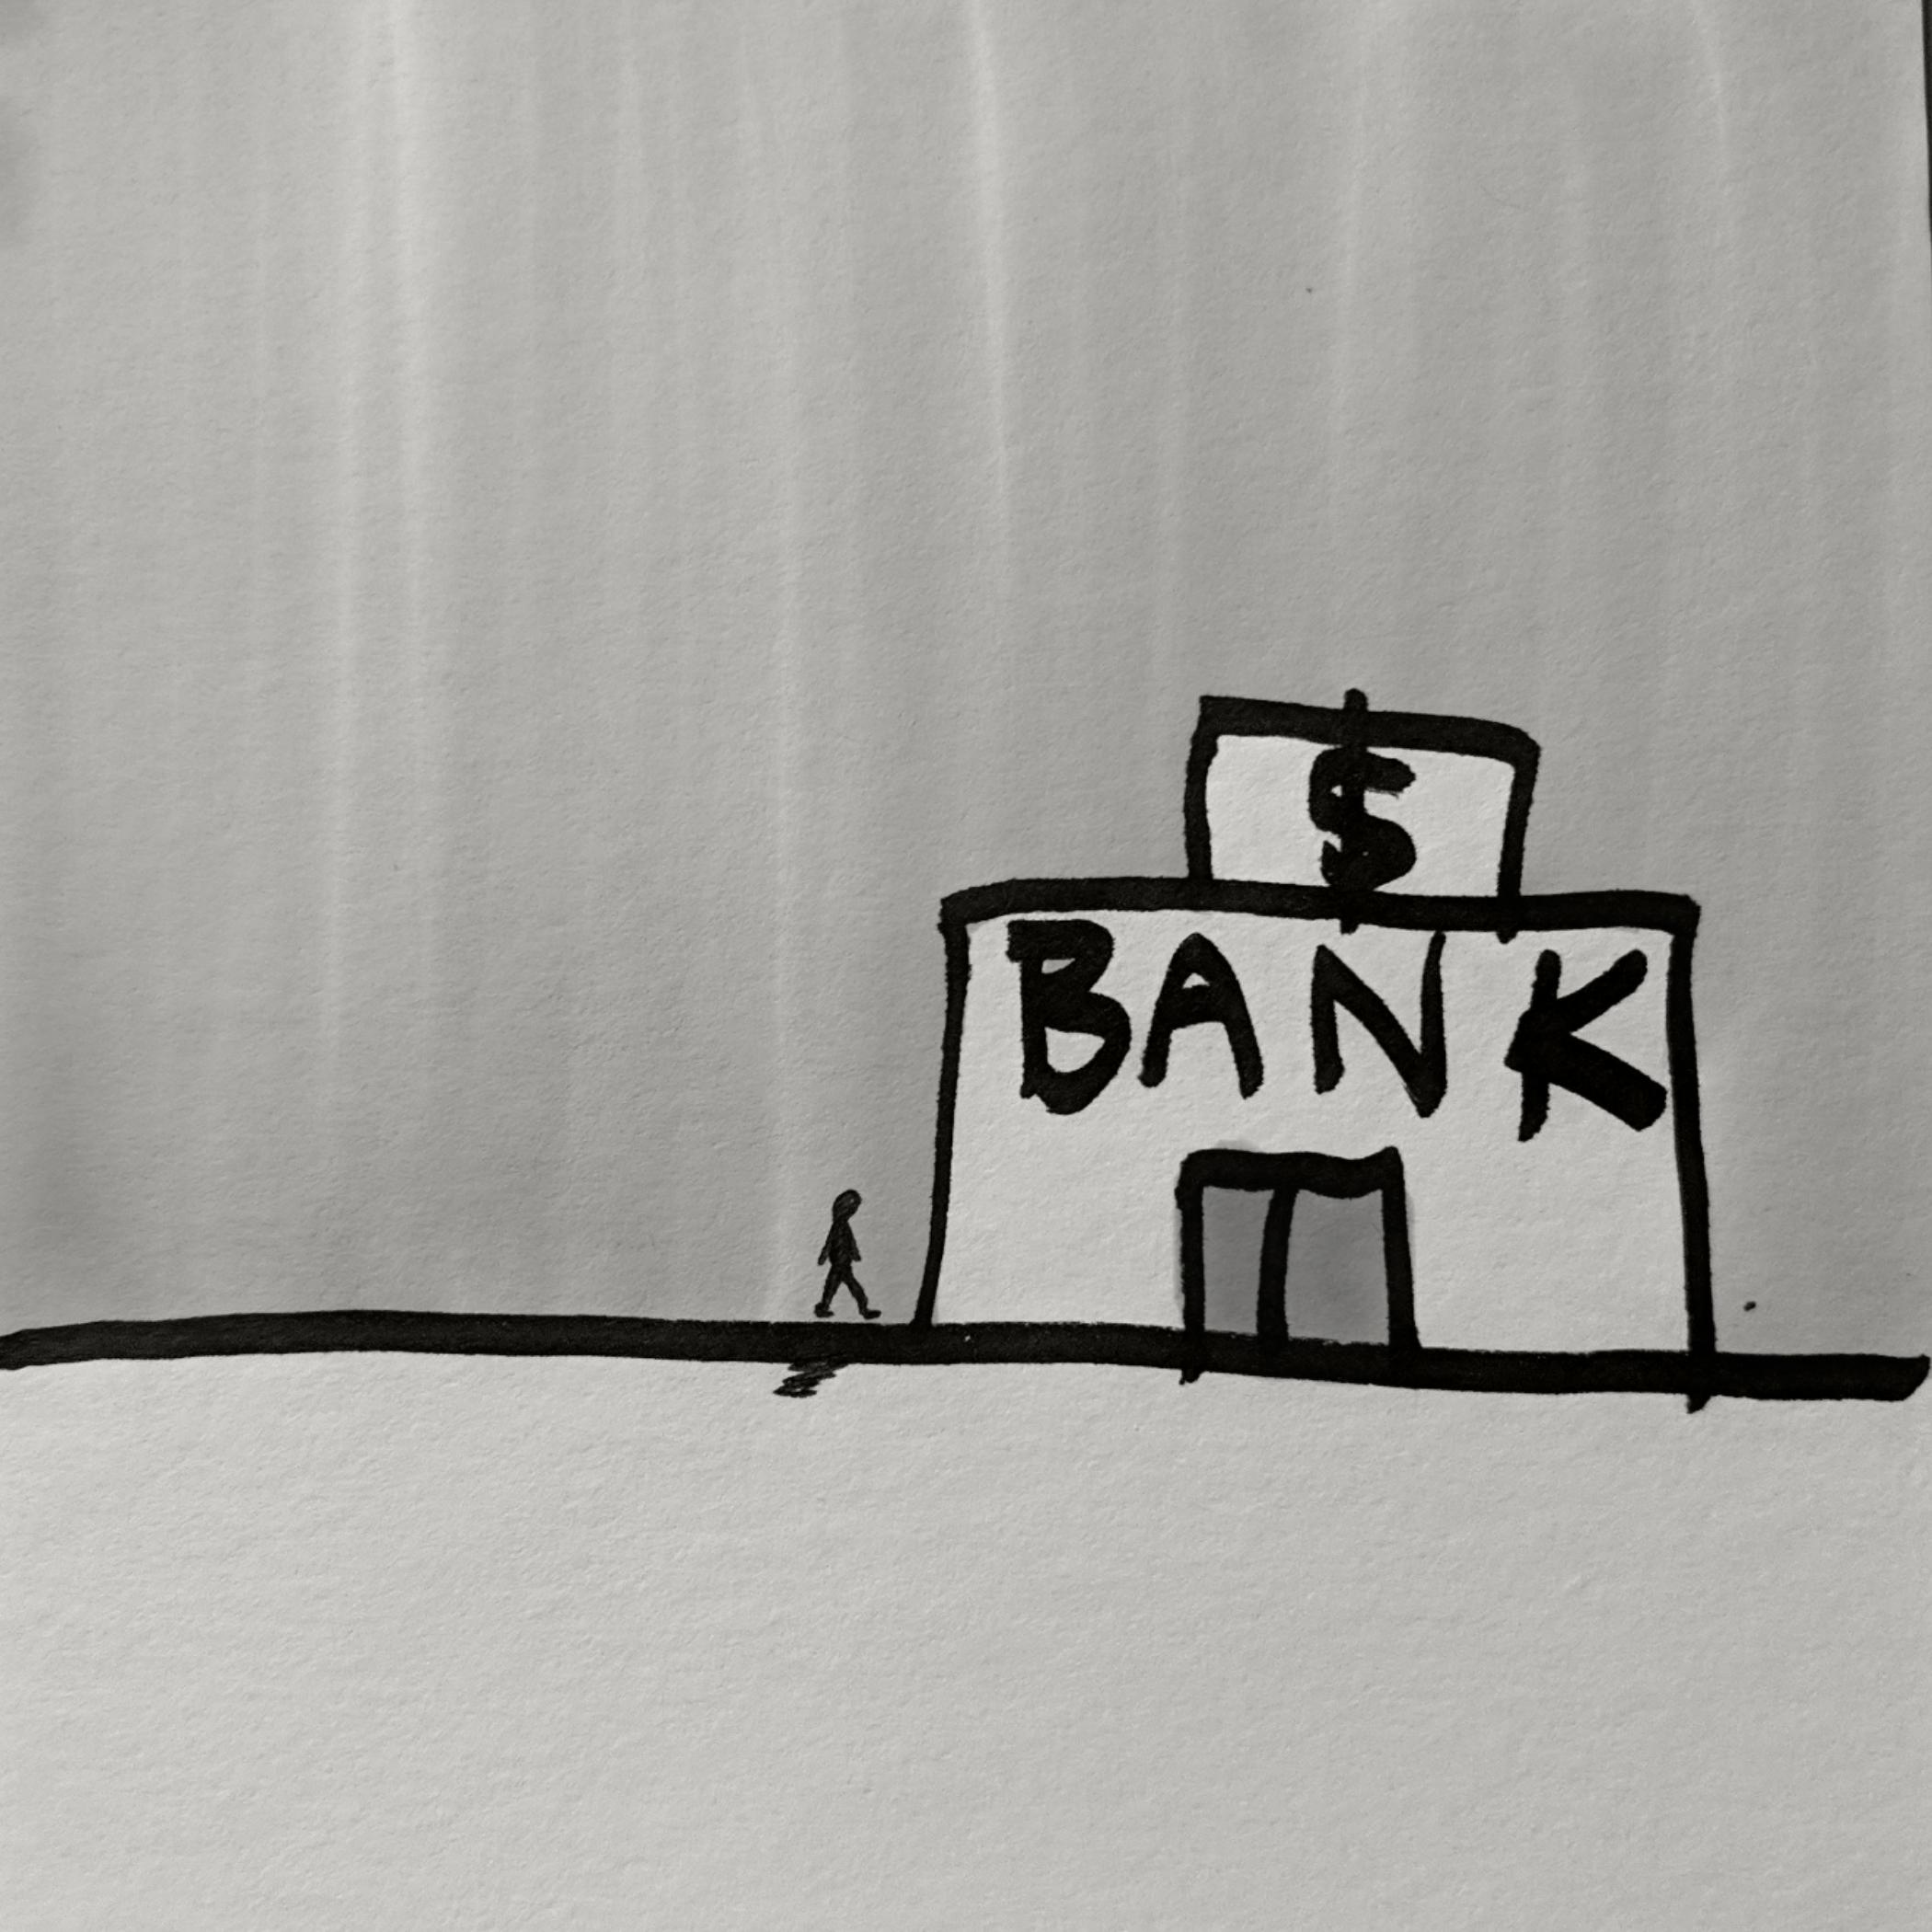 Bank Dirt_02.png